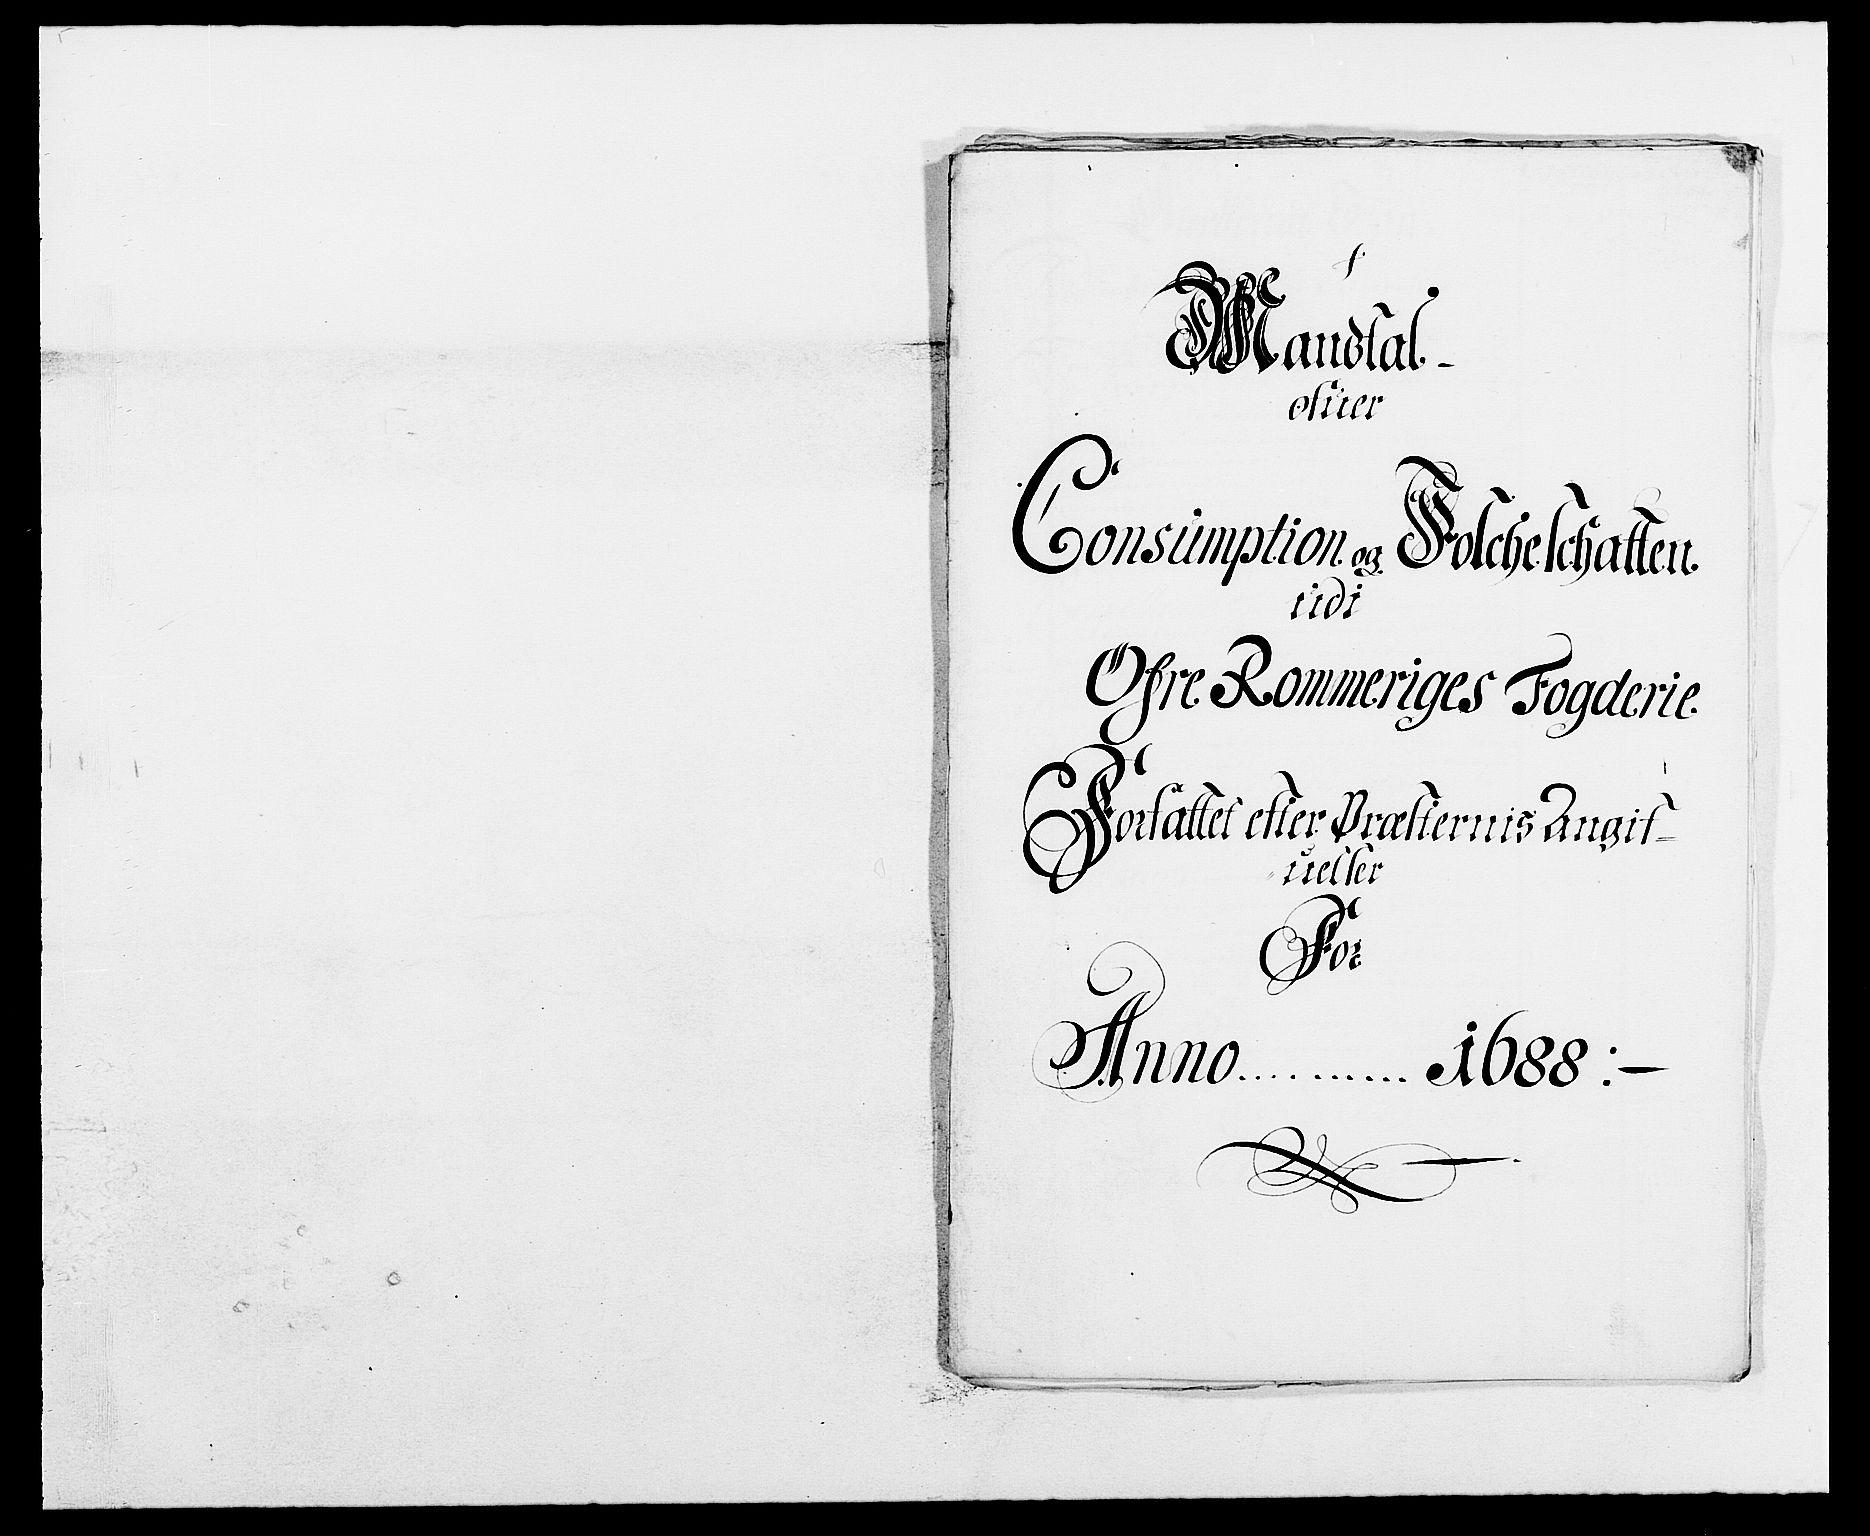 RA, Rentekammeret inntil 1814, Reviderte regnskaper, Fogderegnskap, R12/L0700: Fogderegnskap Øvre Romerike, 1687-1688, s. 424